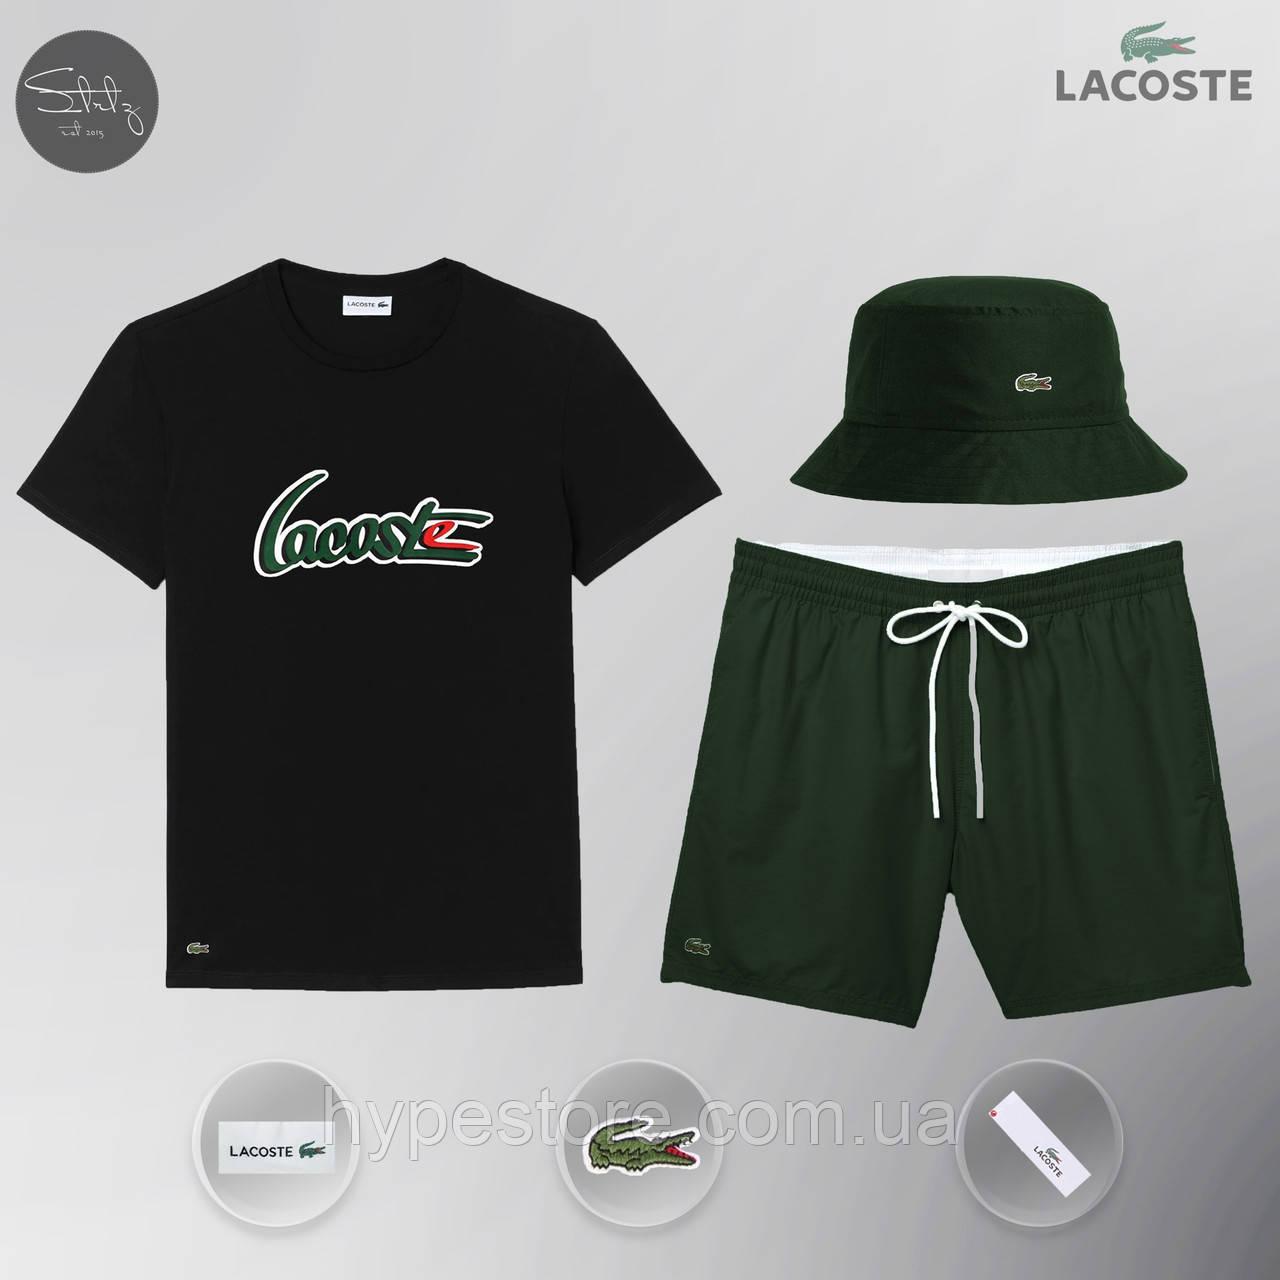 Летний мужской спортивный костюм, мужской пляжный комплект Lacoste, шорты+футболка, ТОП-Реплика